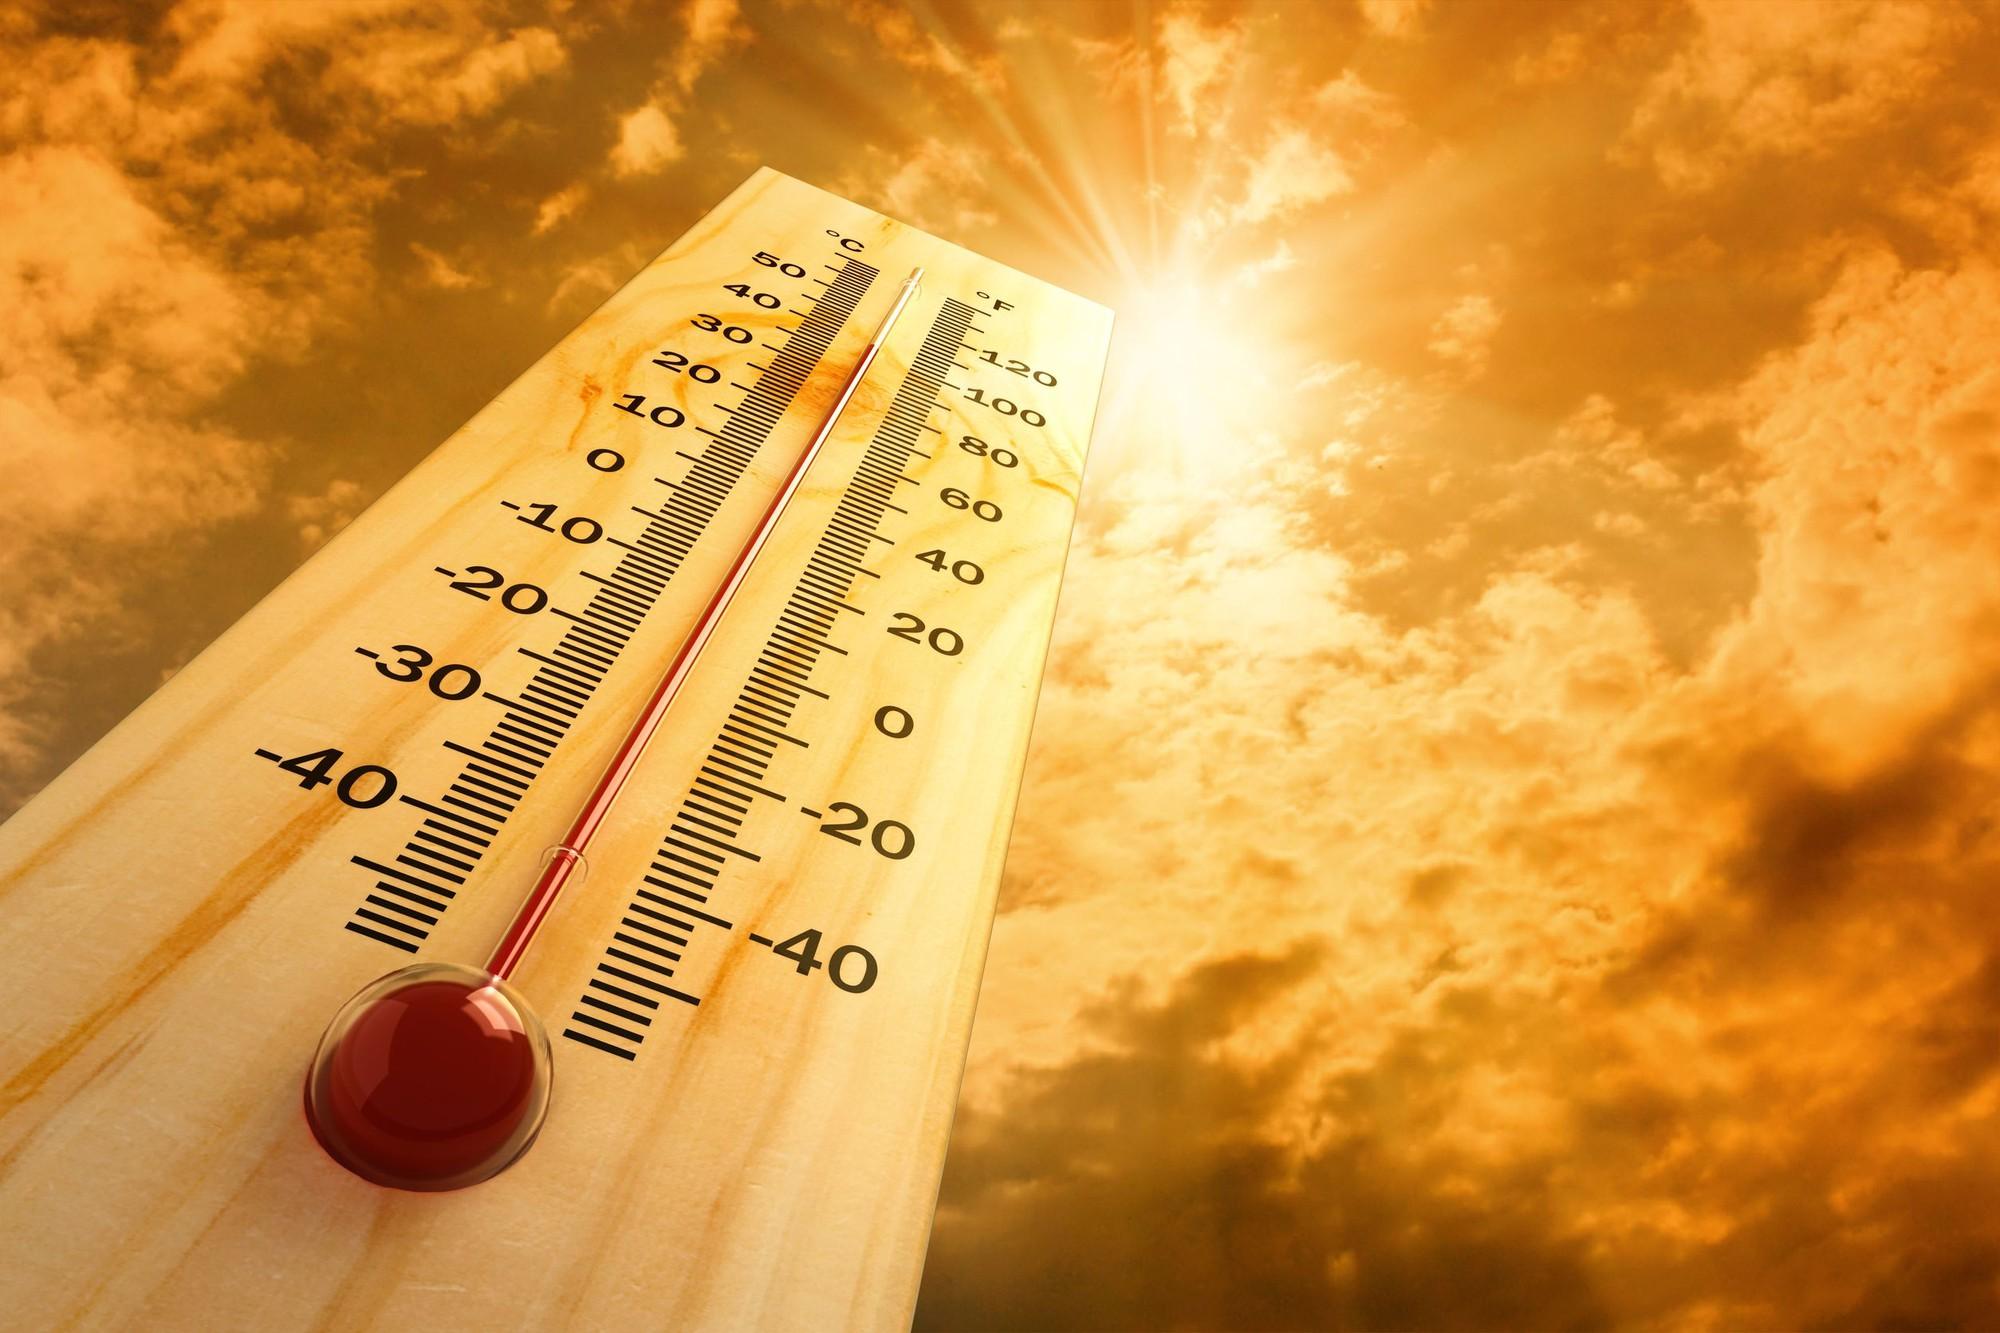 Sài Gòn nắng nóng lên tới 35 - 36 độ C: cẩn thận với 6 triệu chứng sốc nhiệt do đi dưới trời nắng quá lâu - Ảnh 4.